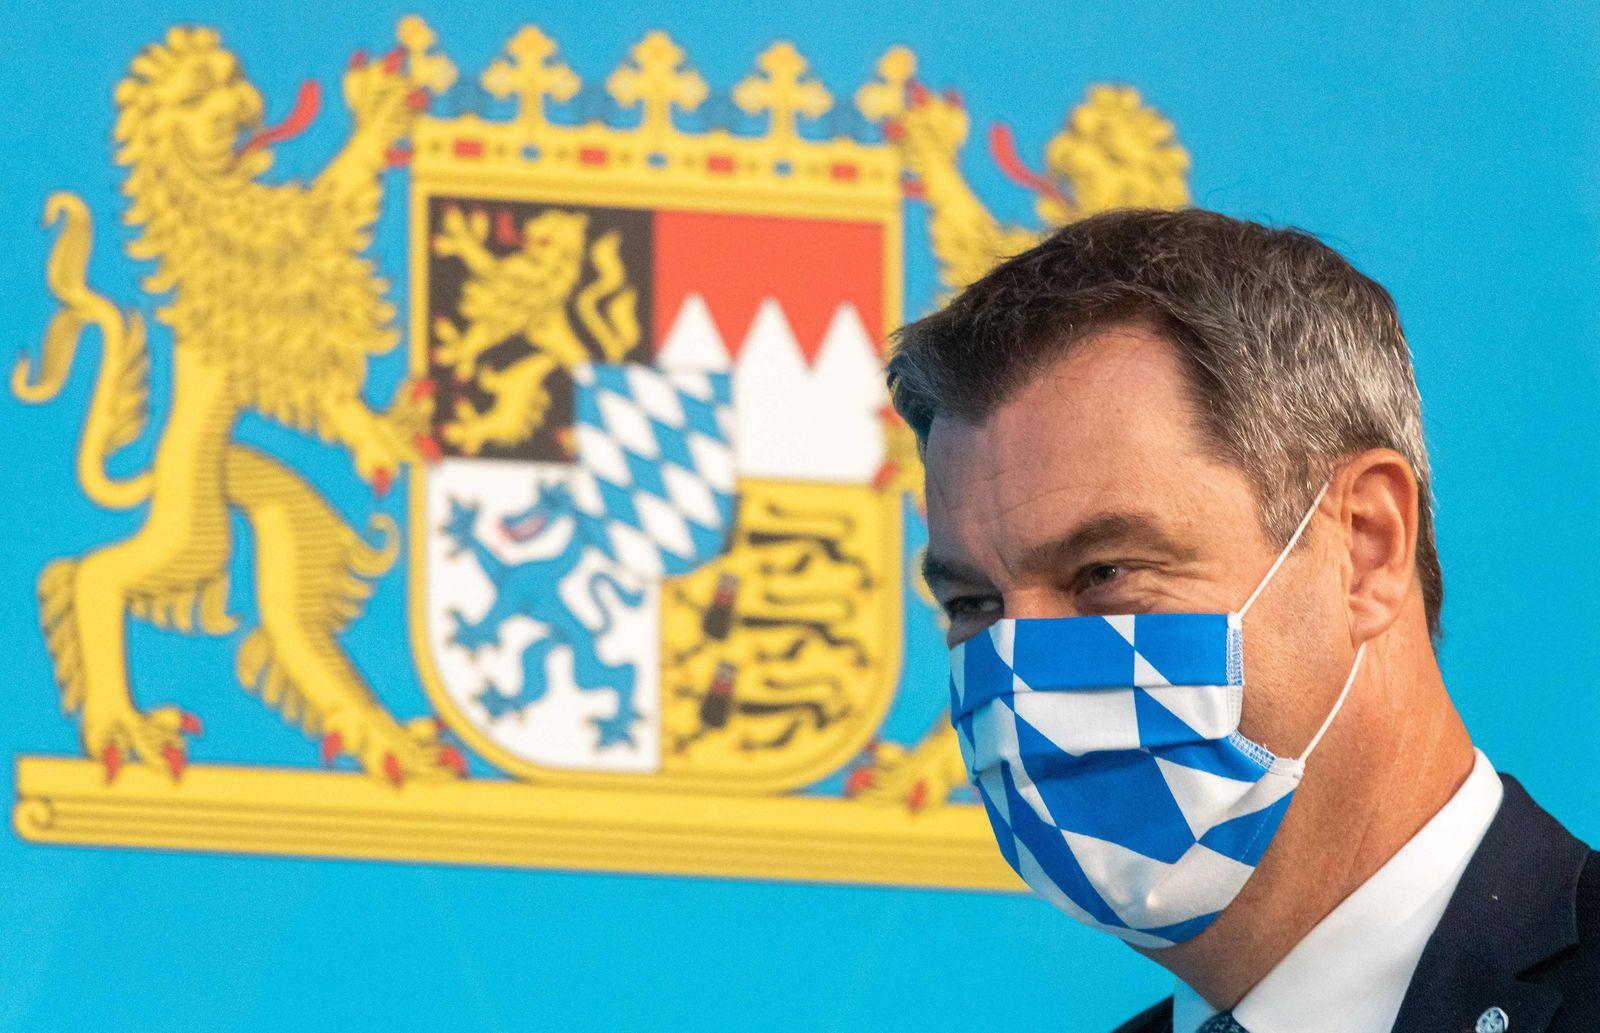 GERMANY-POLITICS-HEALTH-EDUCATION